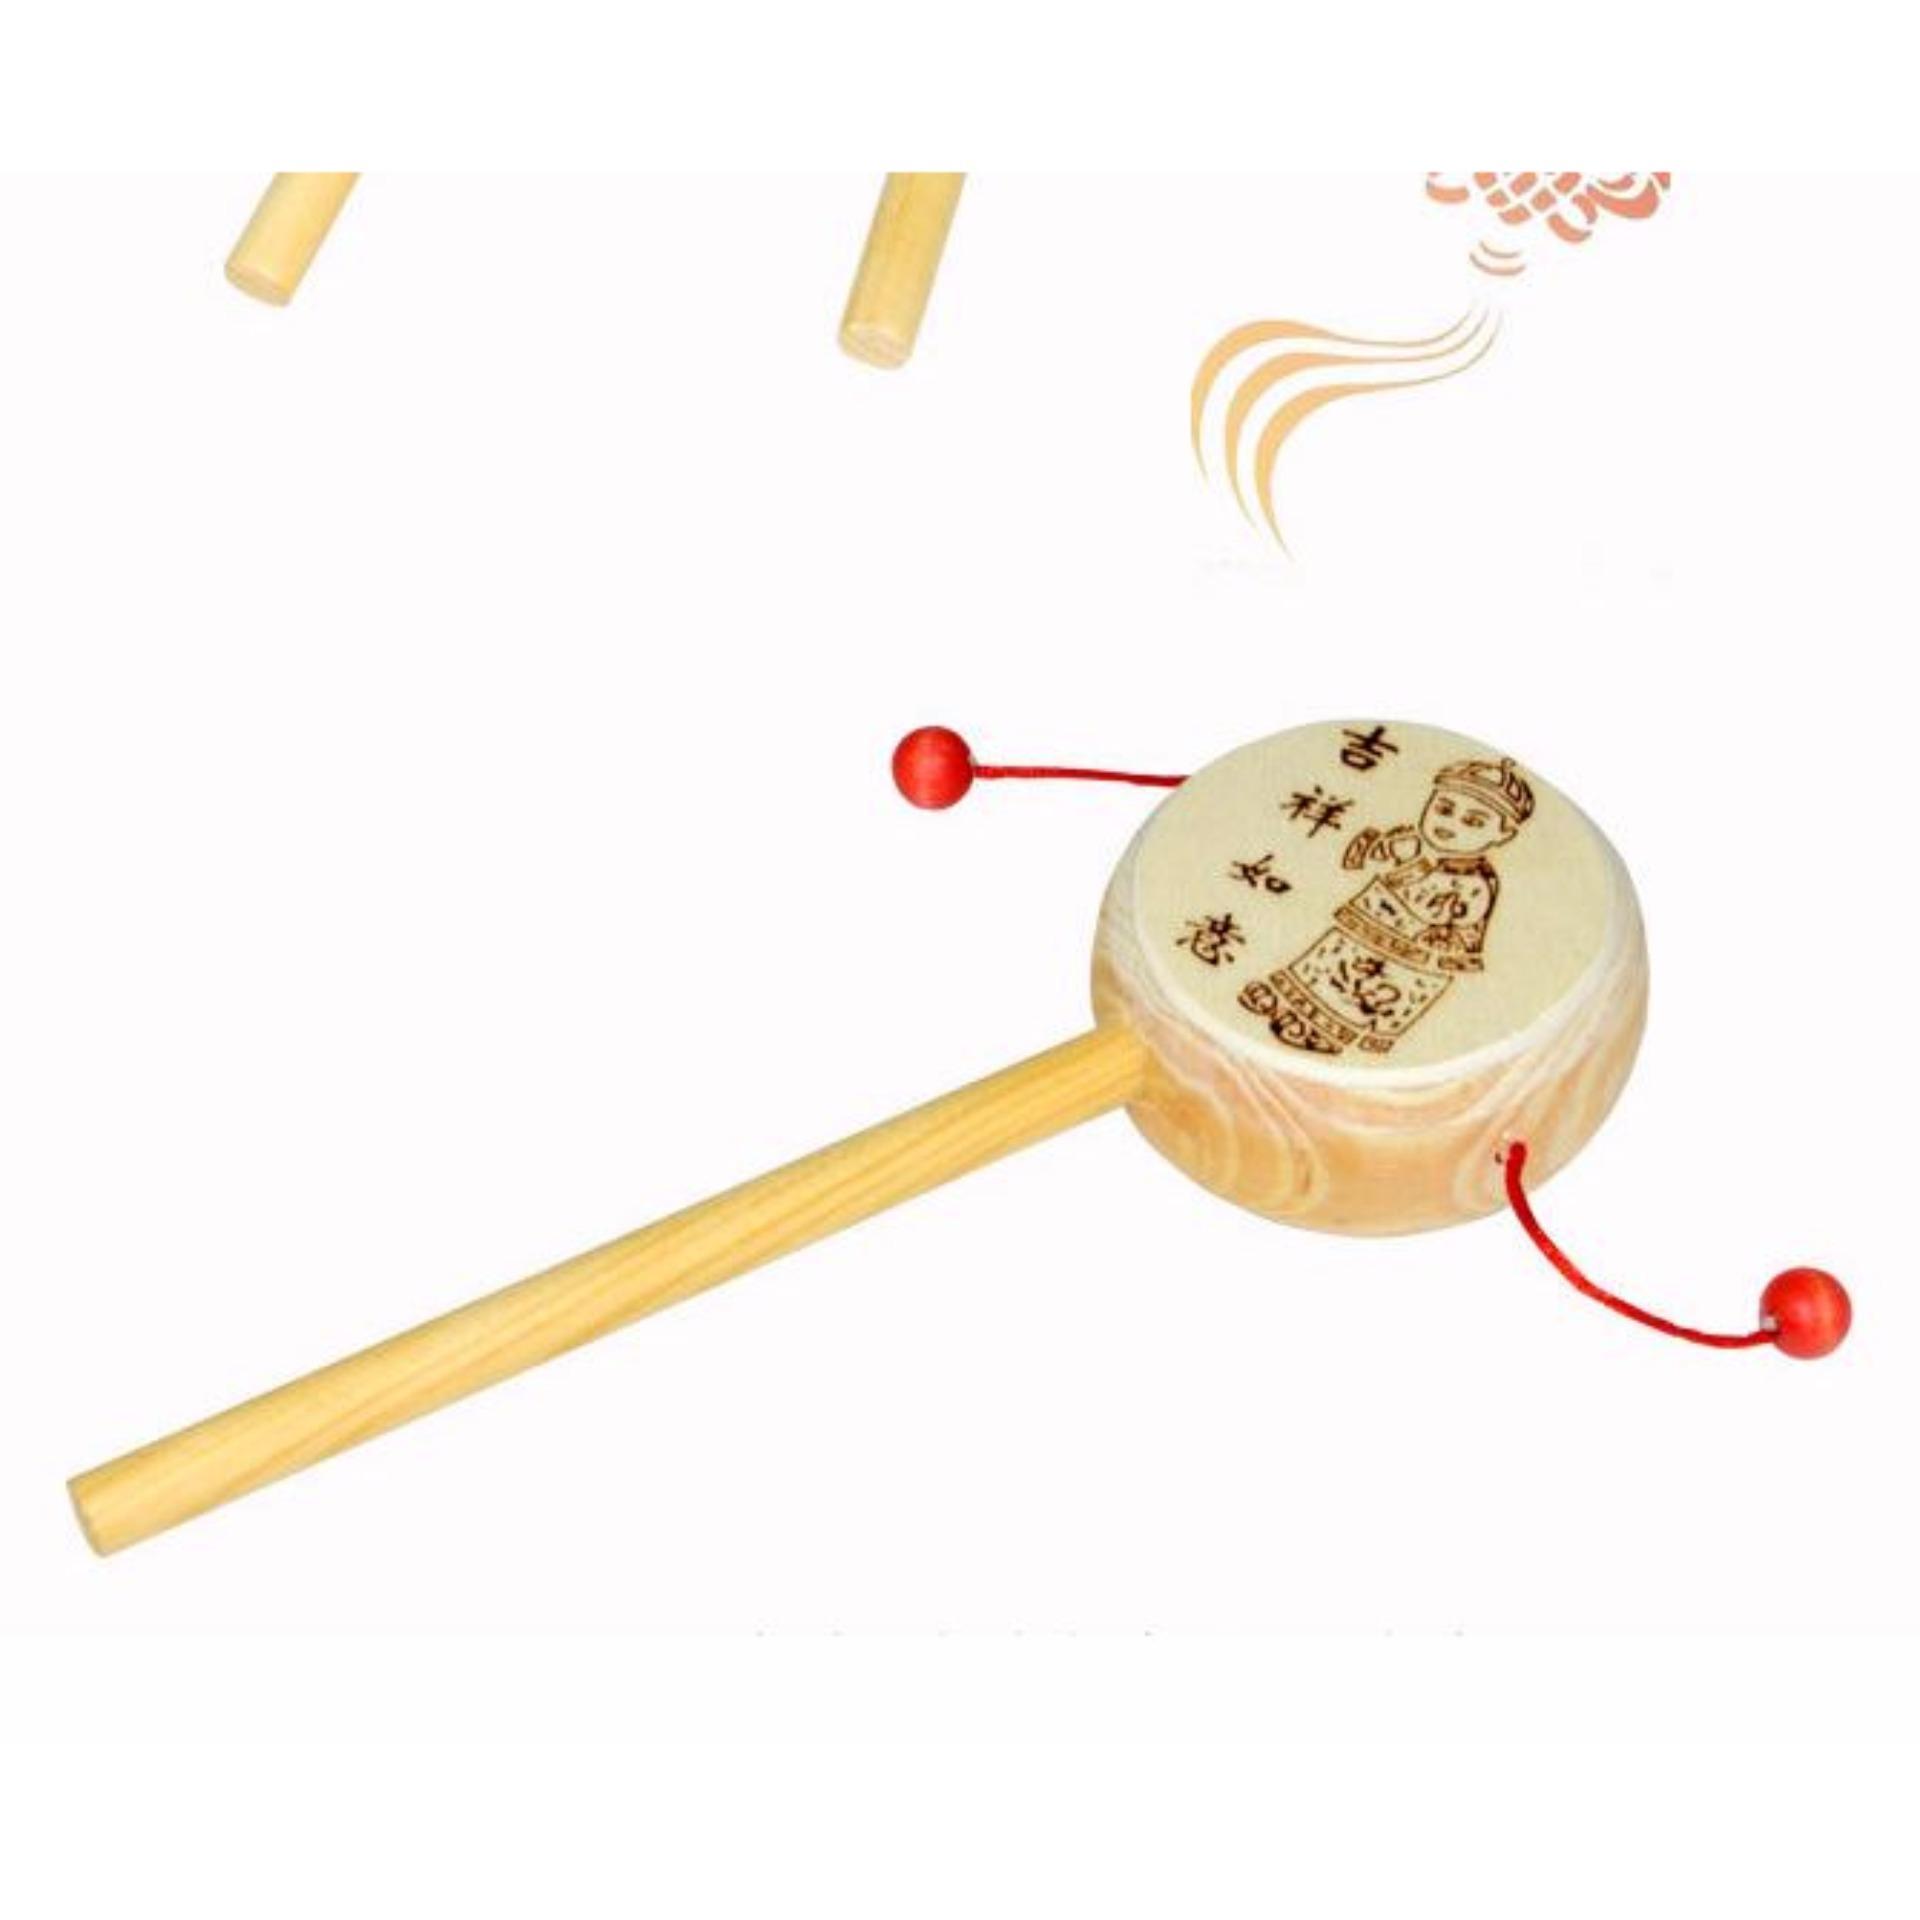 Hình ảnh Trống lắc gỗ - Lục lạc lắc gỗ - Đồ chơi gỗ an toàn cho bé TE-TG01